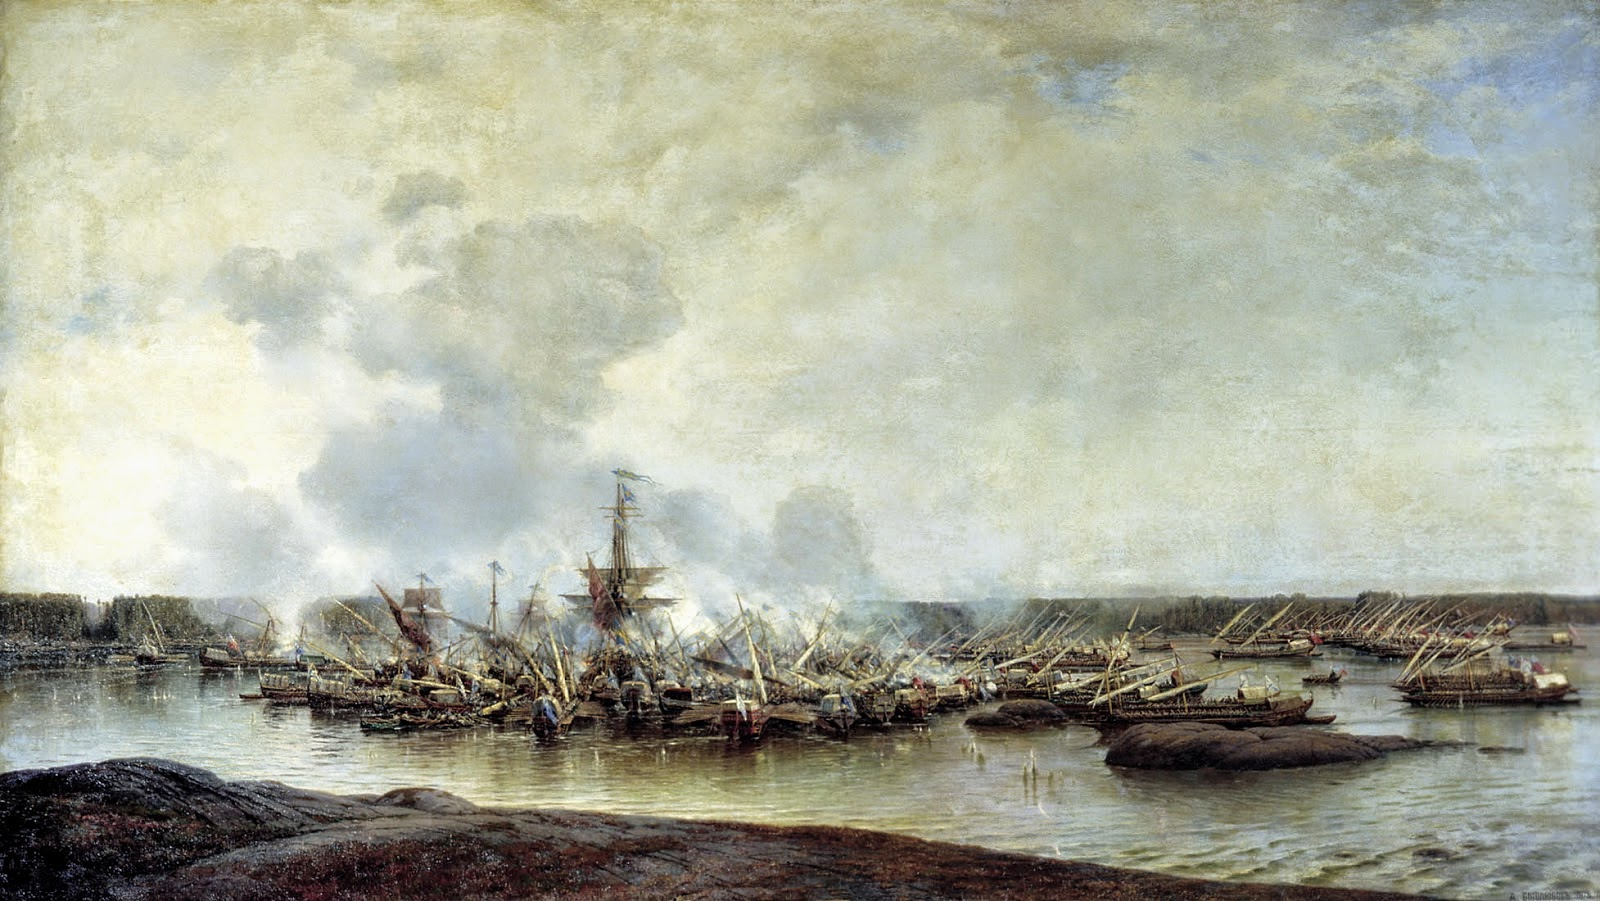 Ханко, Гангут, флот, сражение, Северная война